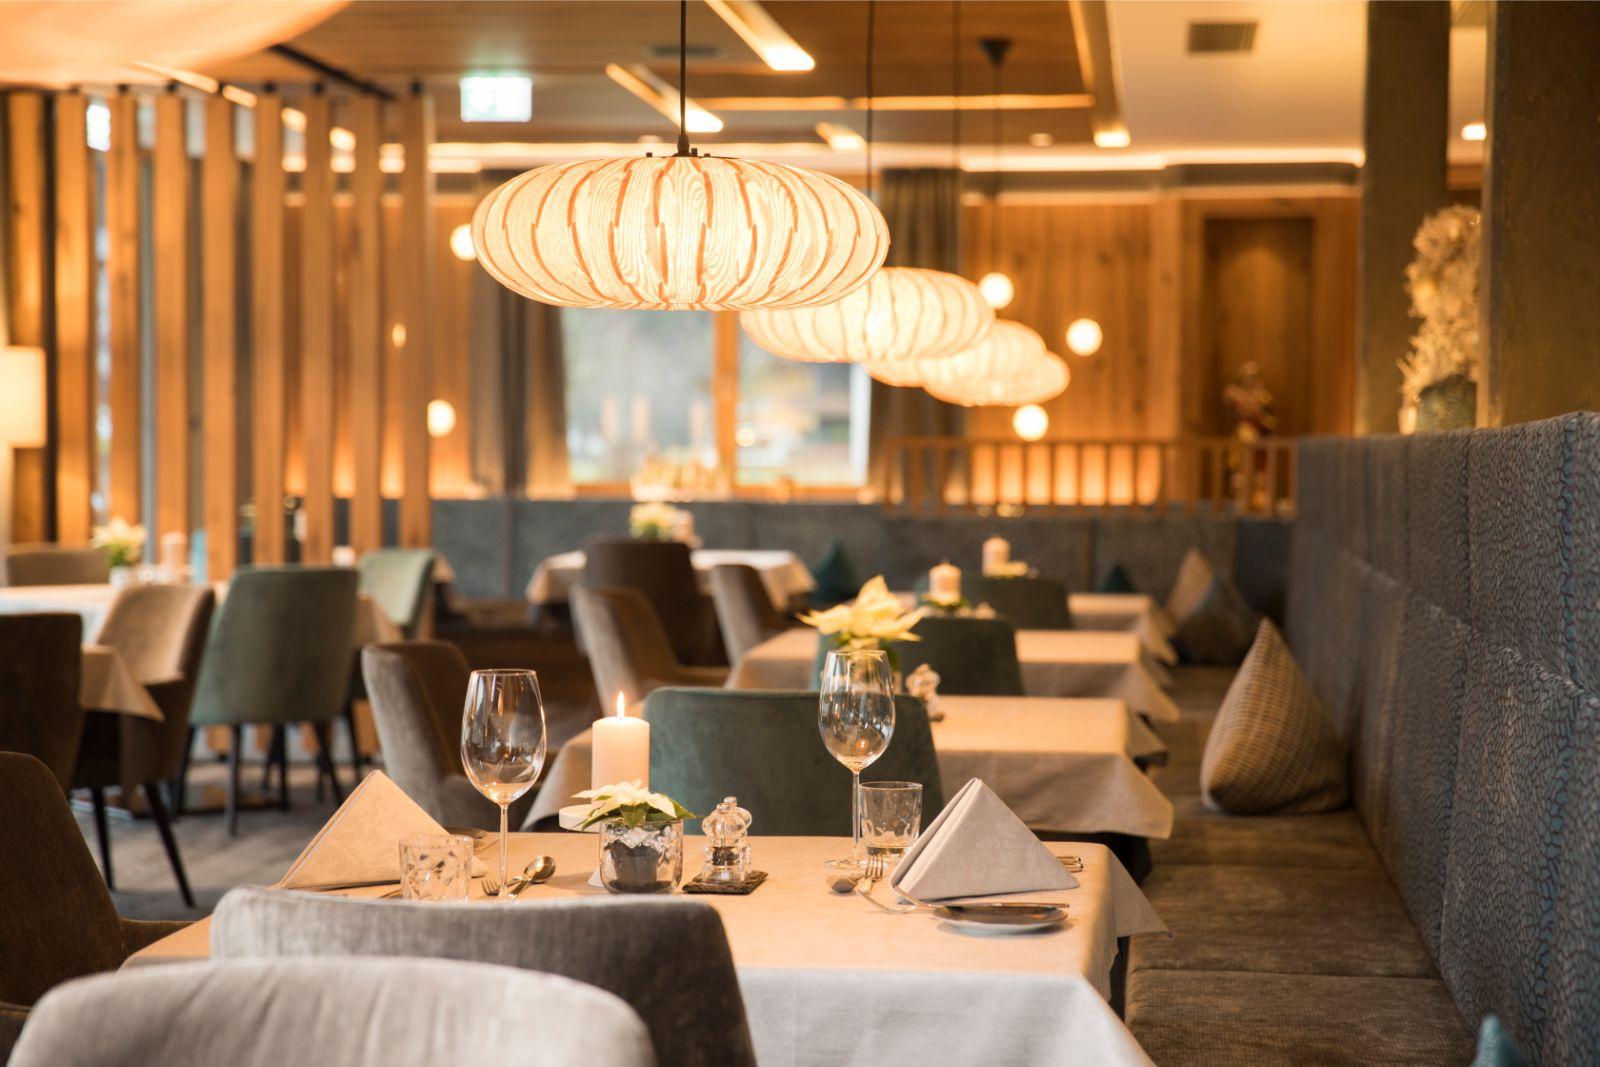 Speisesaal mit gedecktem Tisch